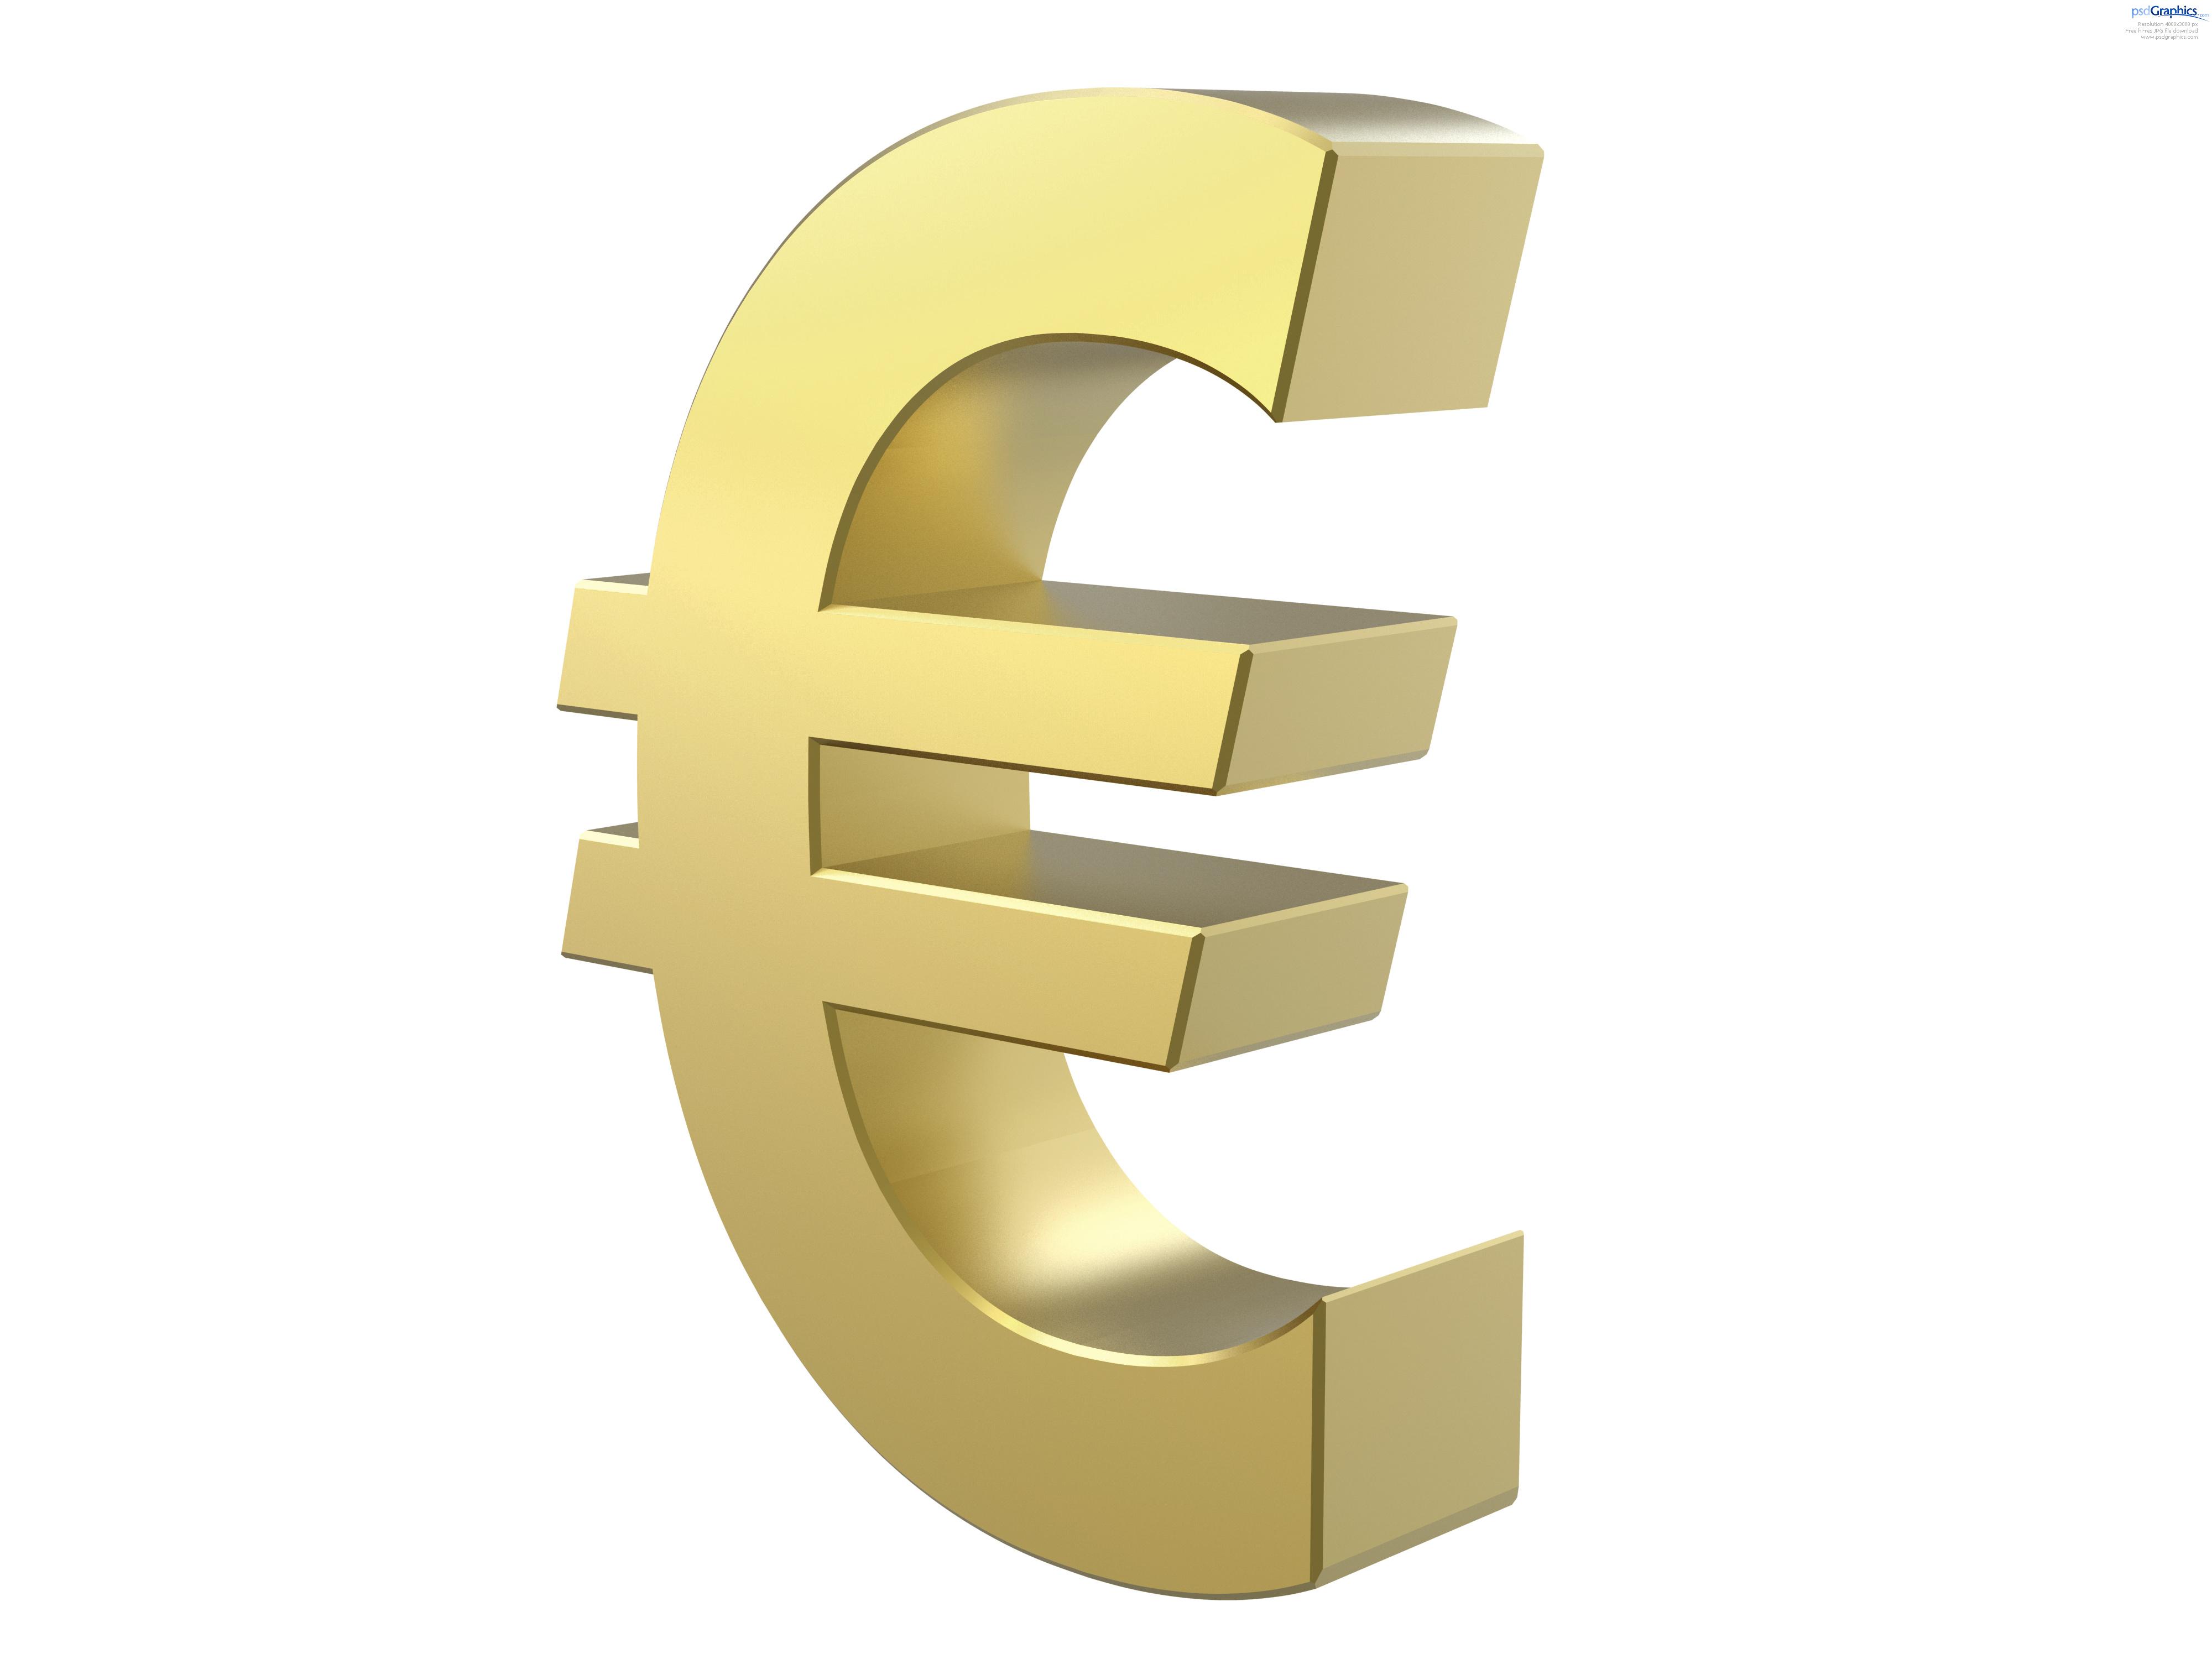 недорогие кредиты в екатеринбурге